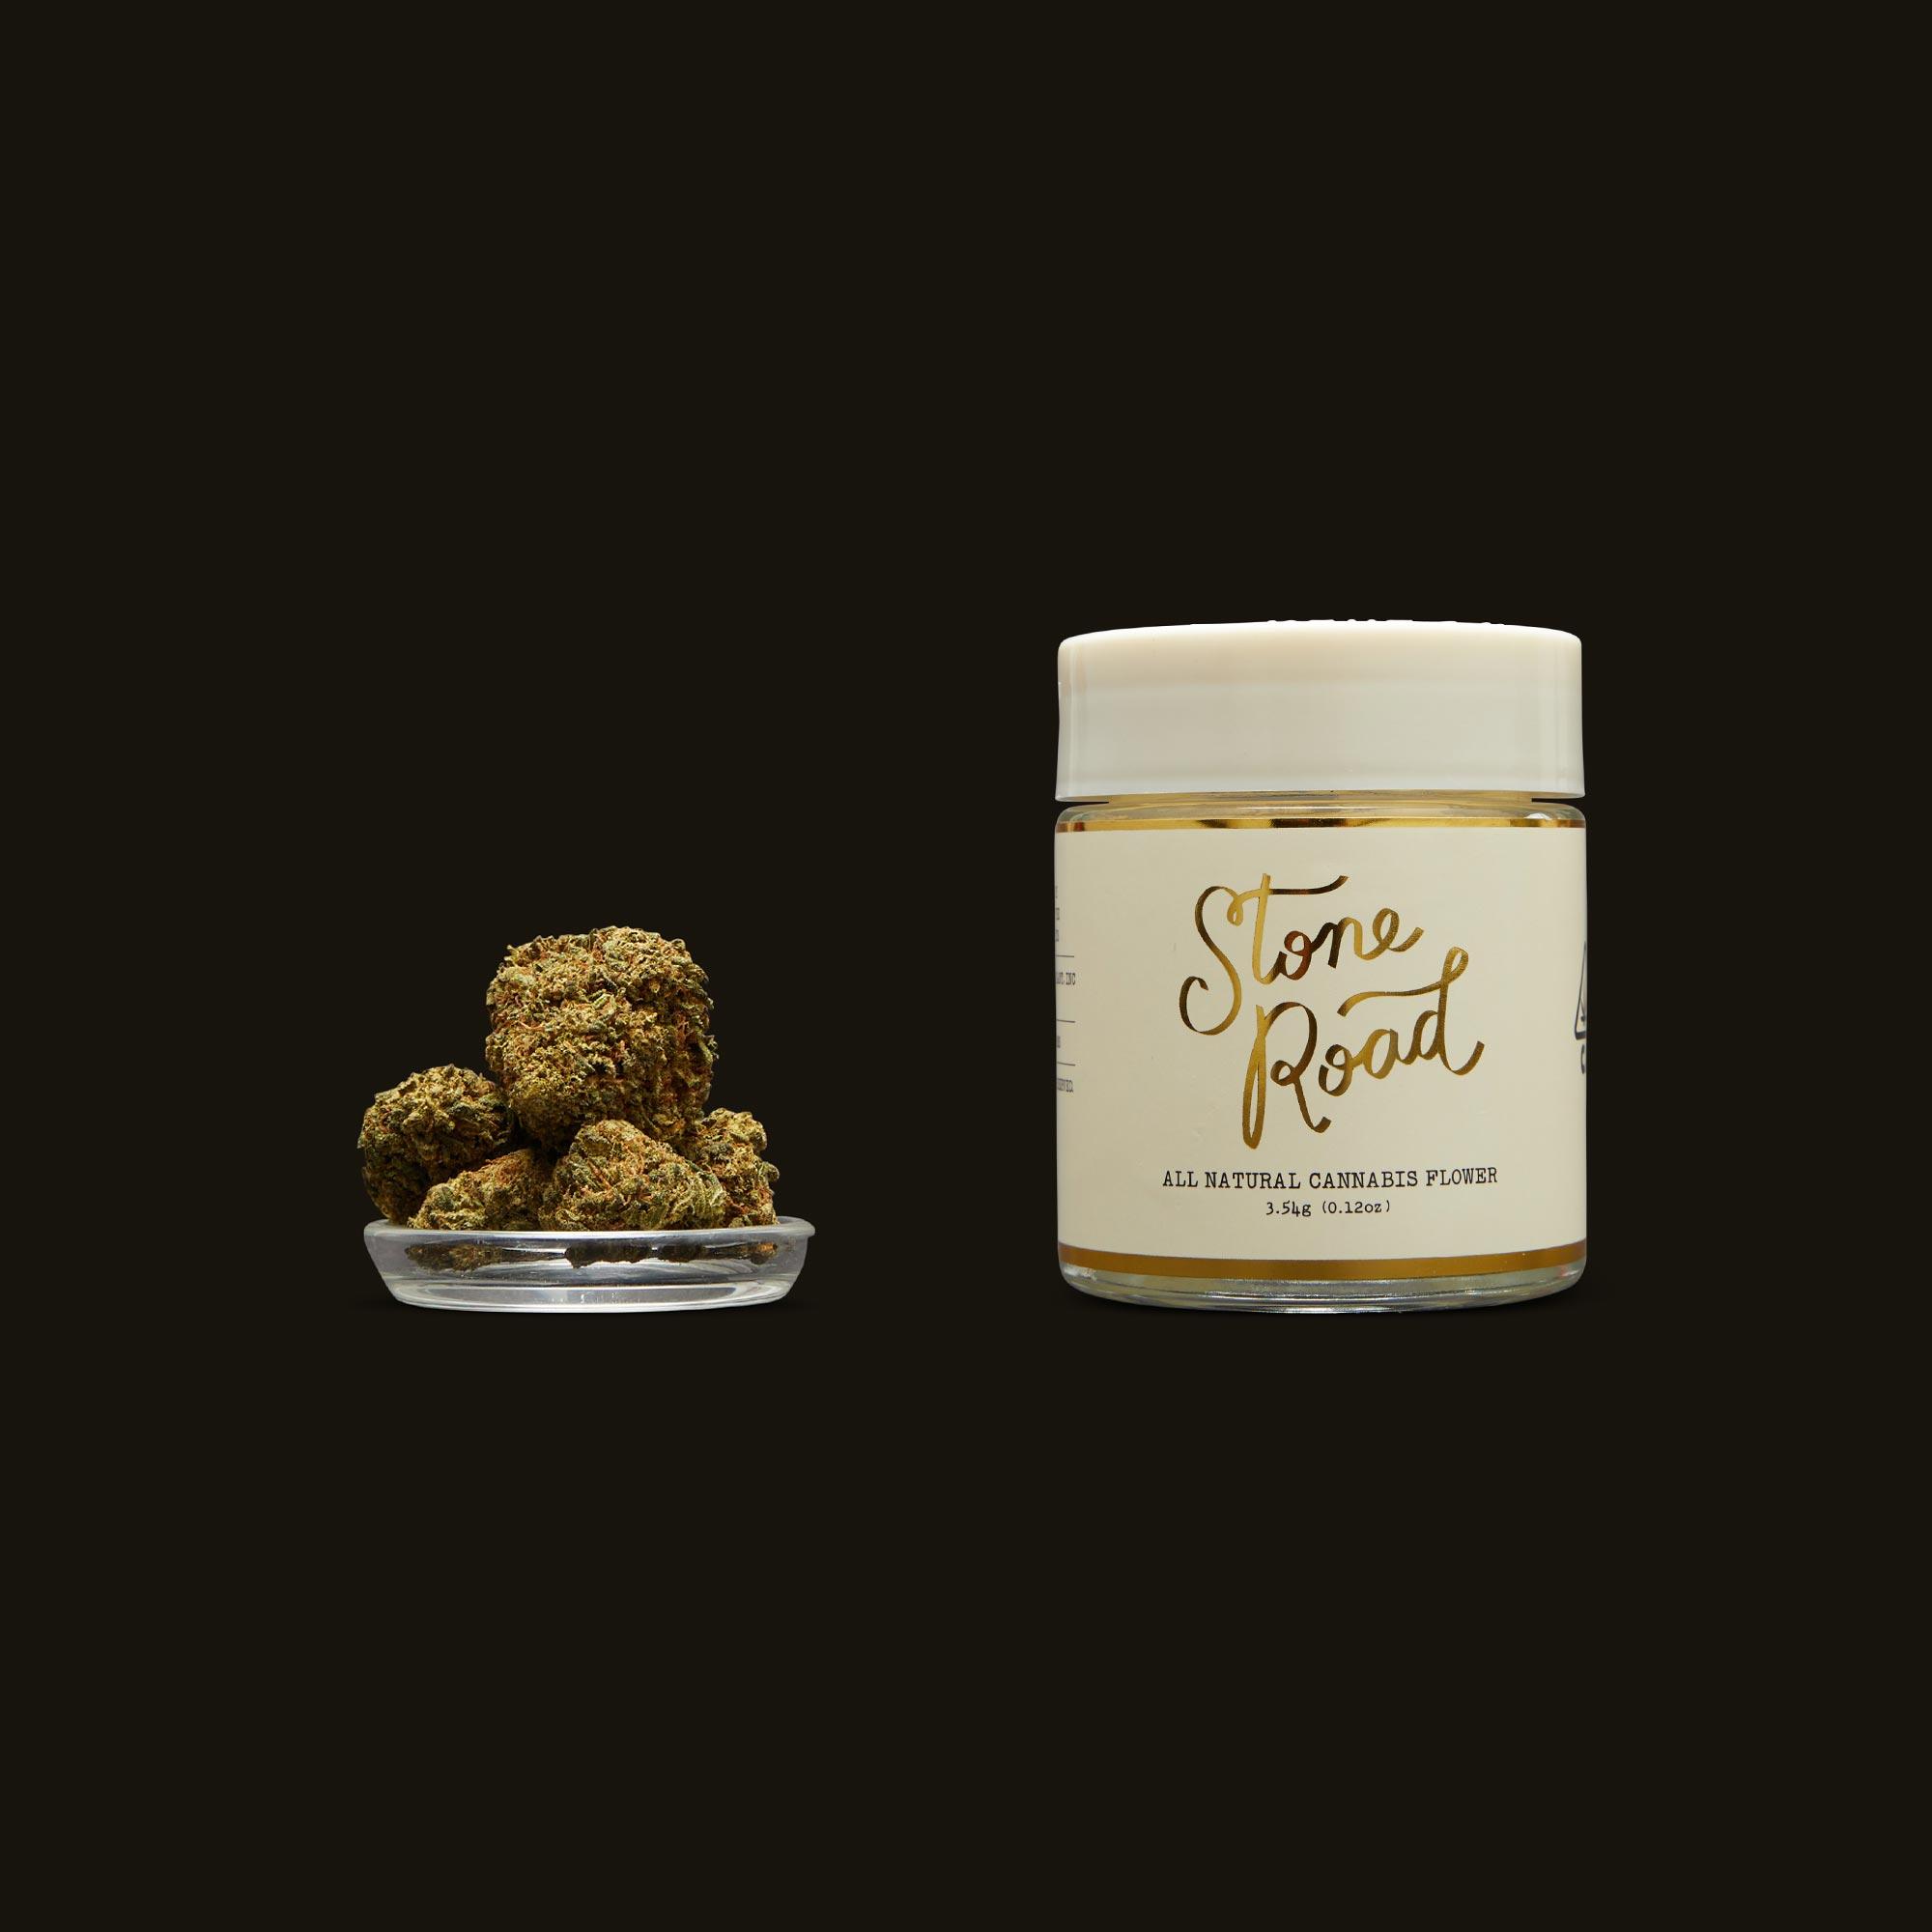 Stone Road Chocolate Kush